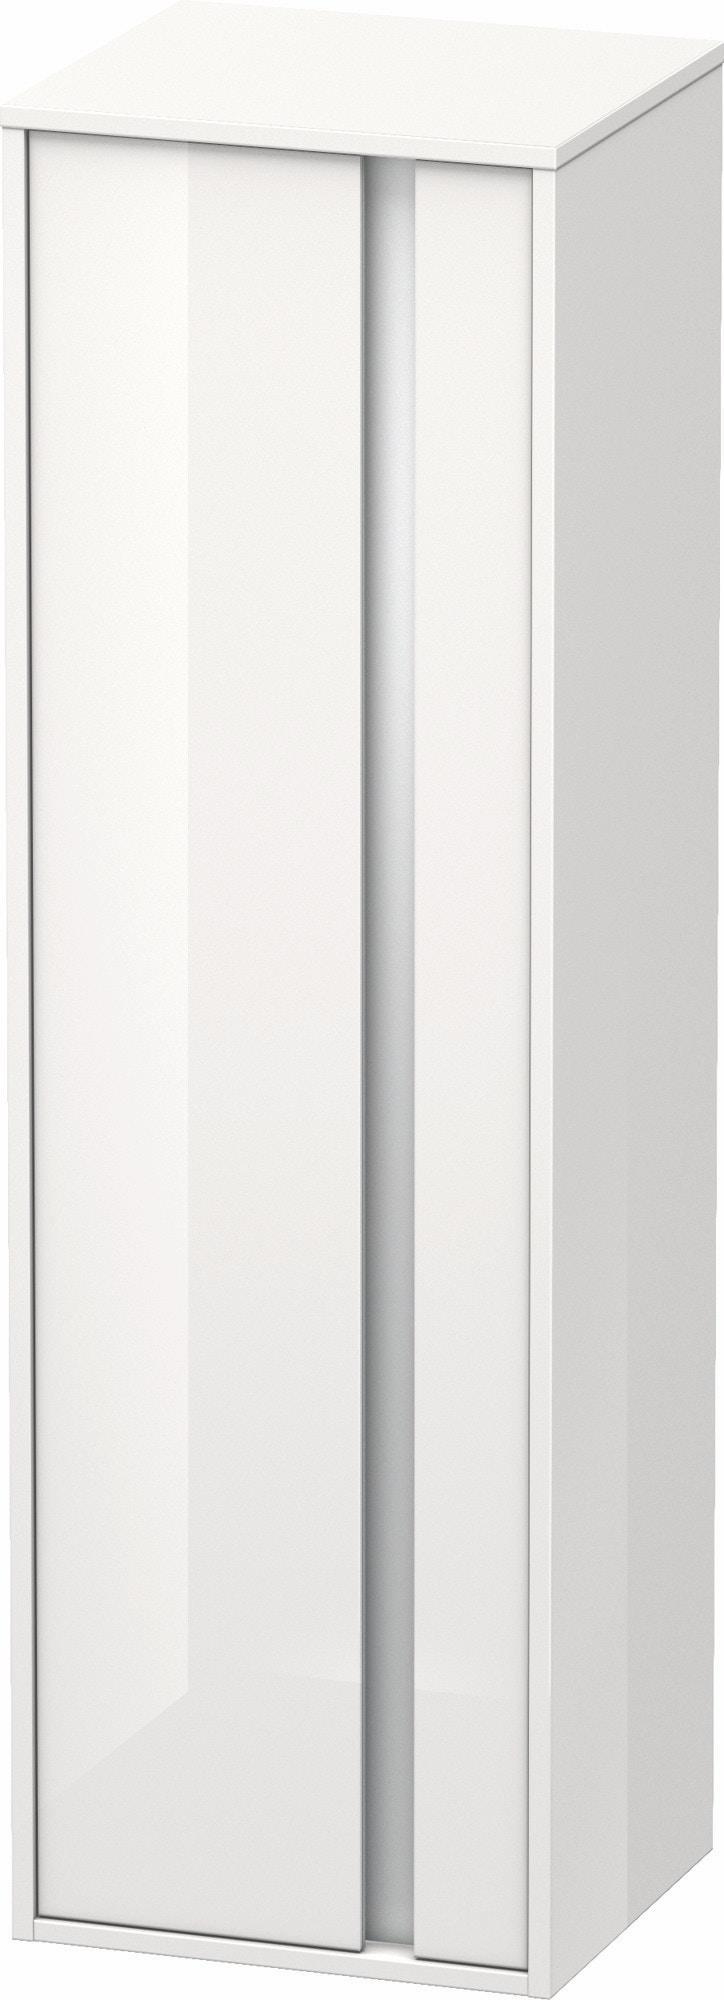 Duravit Ketho Badmöbel-Set 750 mit Vero Waschtisch - Optional mit Seitenschrank und Spiegel  zoom thumbnail 3